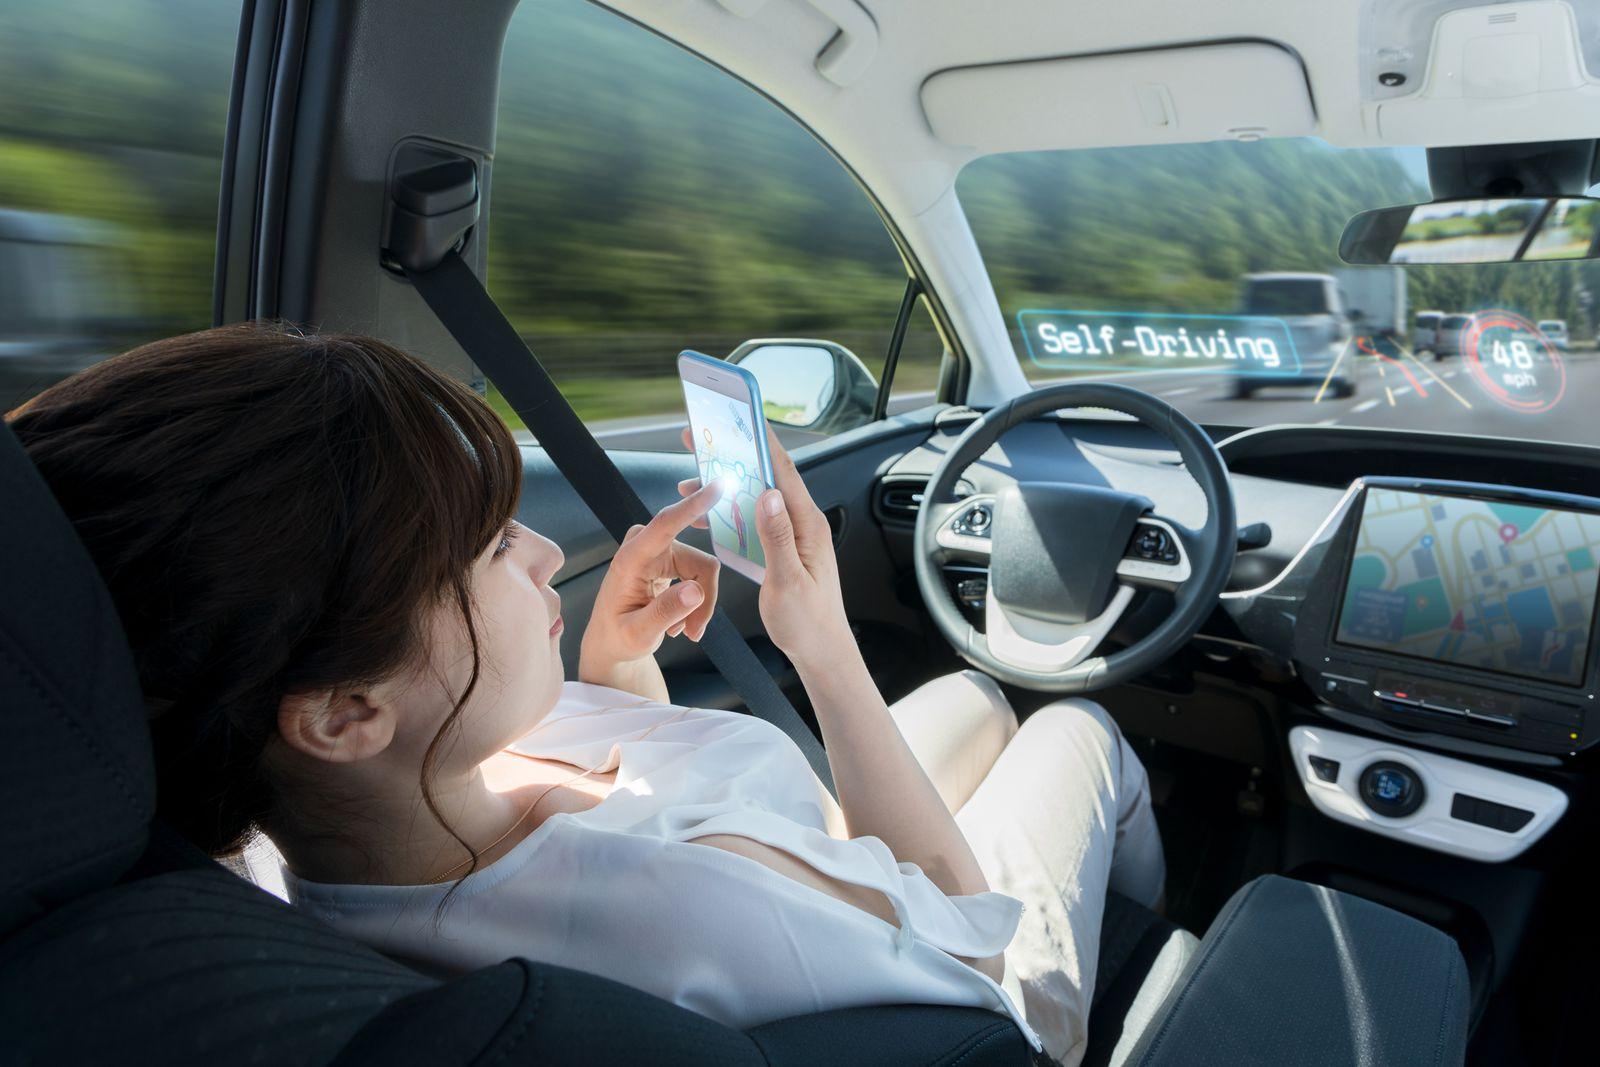 Made in China: Автономните автомобили веќе за две години ќе ги освојуваат меѓународните пазари